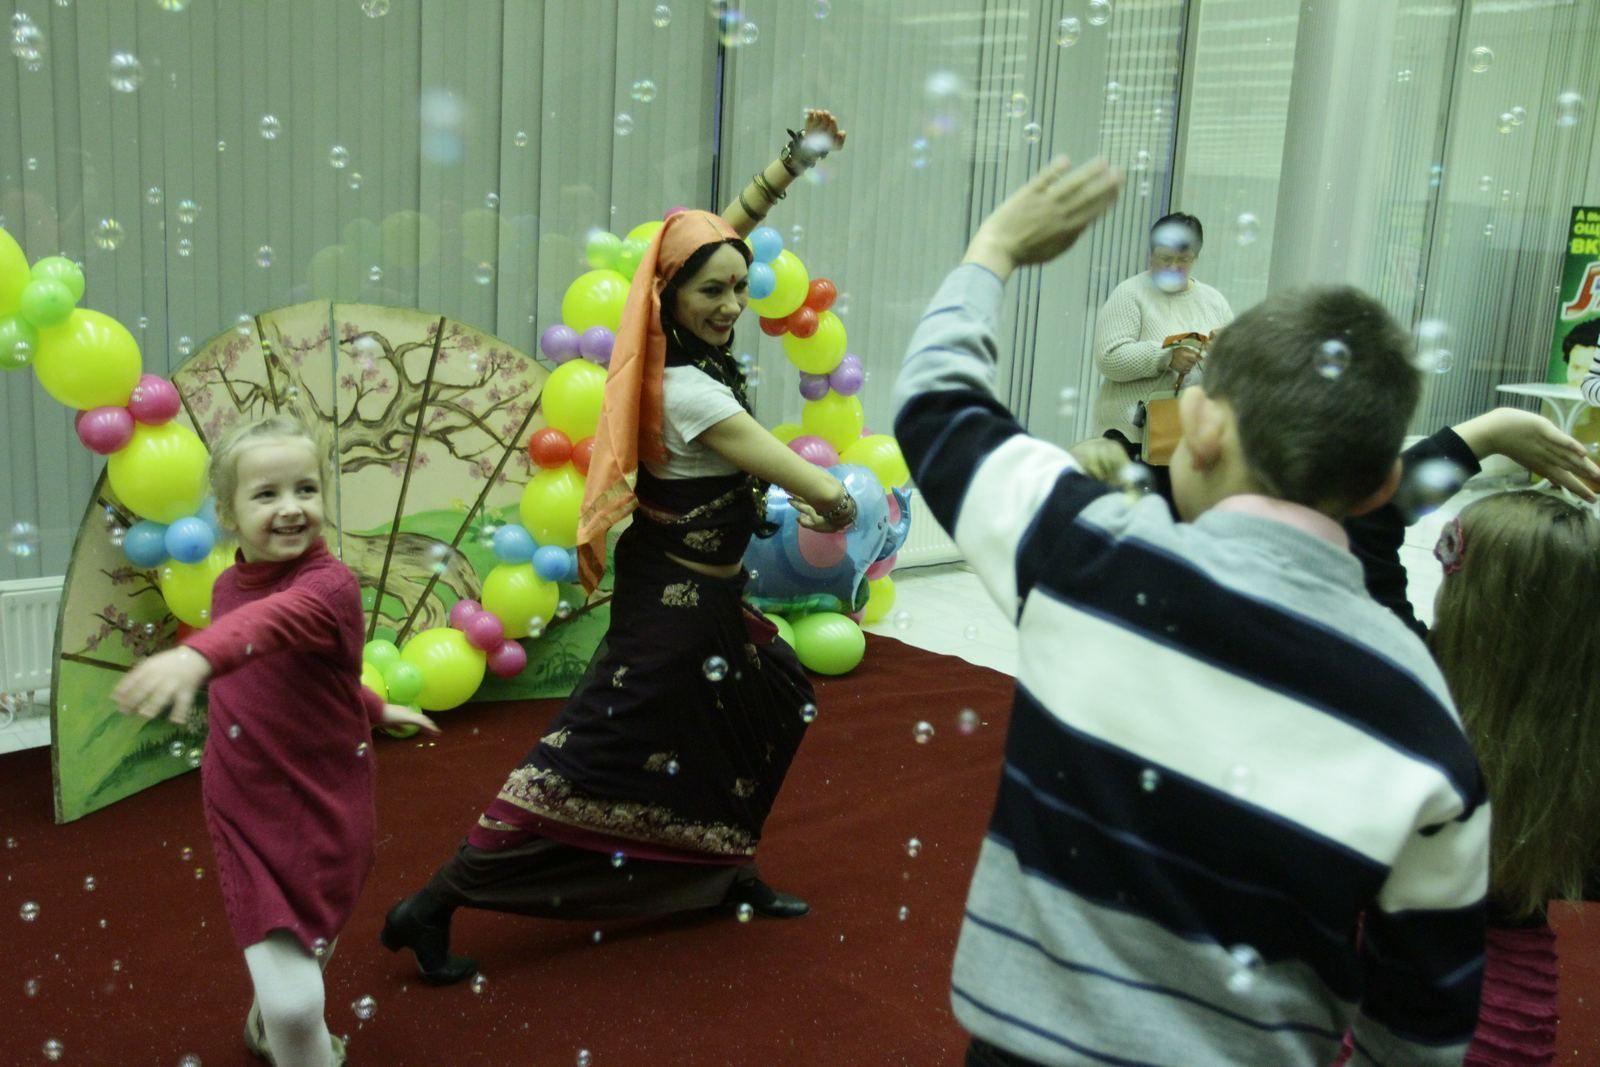 Веселое мероприятие для детей состоится в Щербинке. Фото: архив, «Вечерняя Москва»